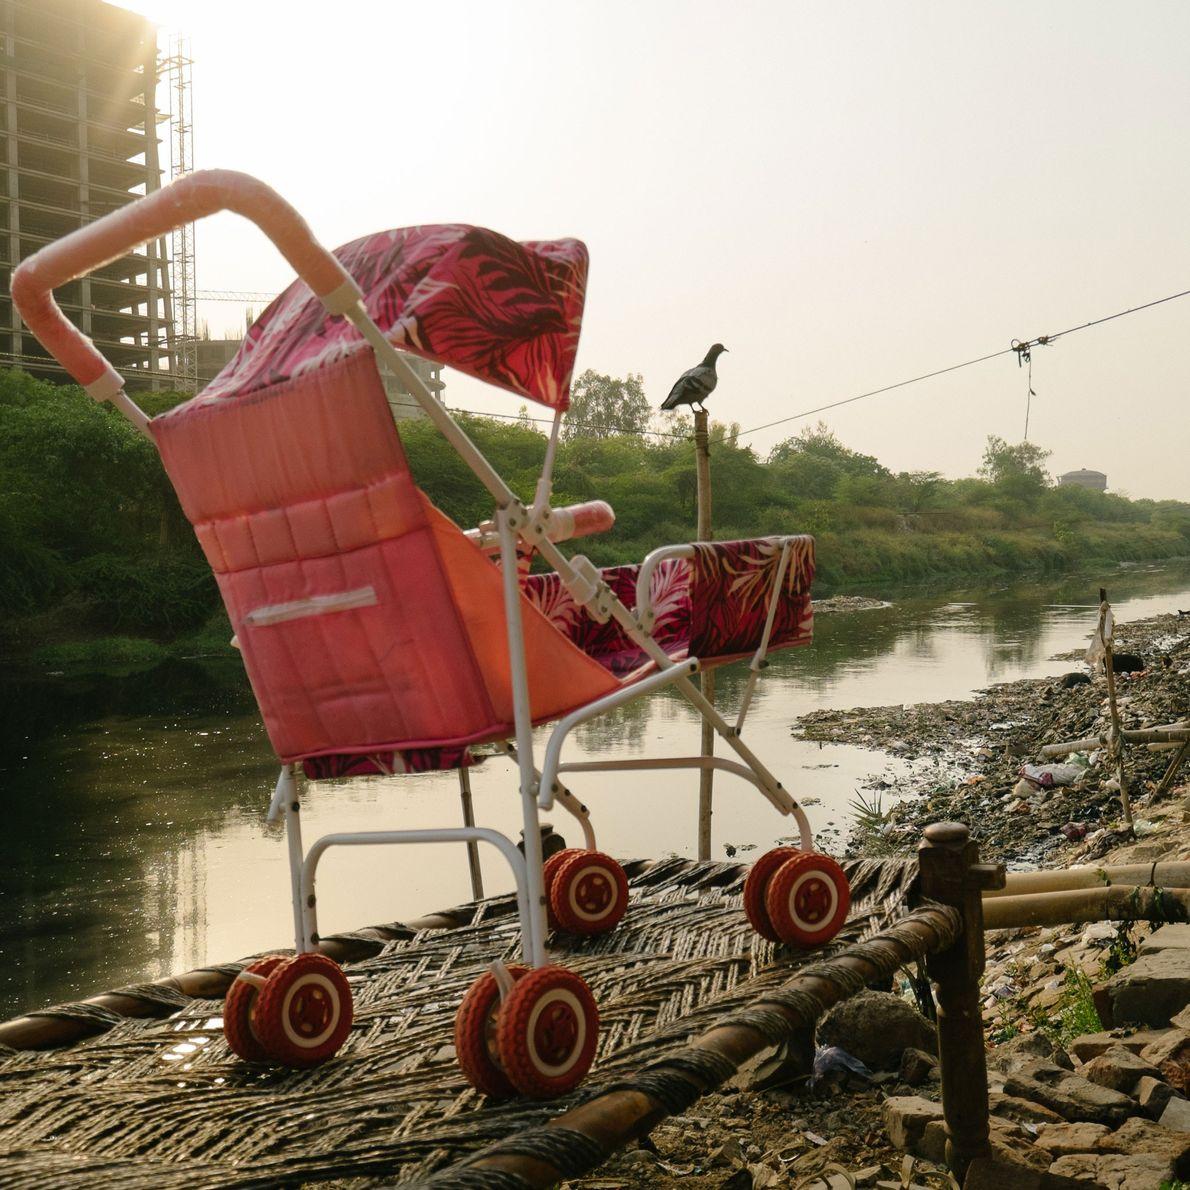 Fotografia de um carrinho de criança acabado de ser lavado